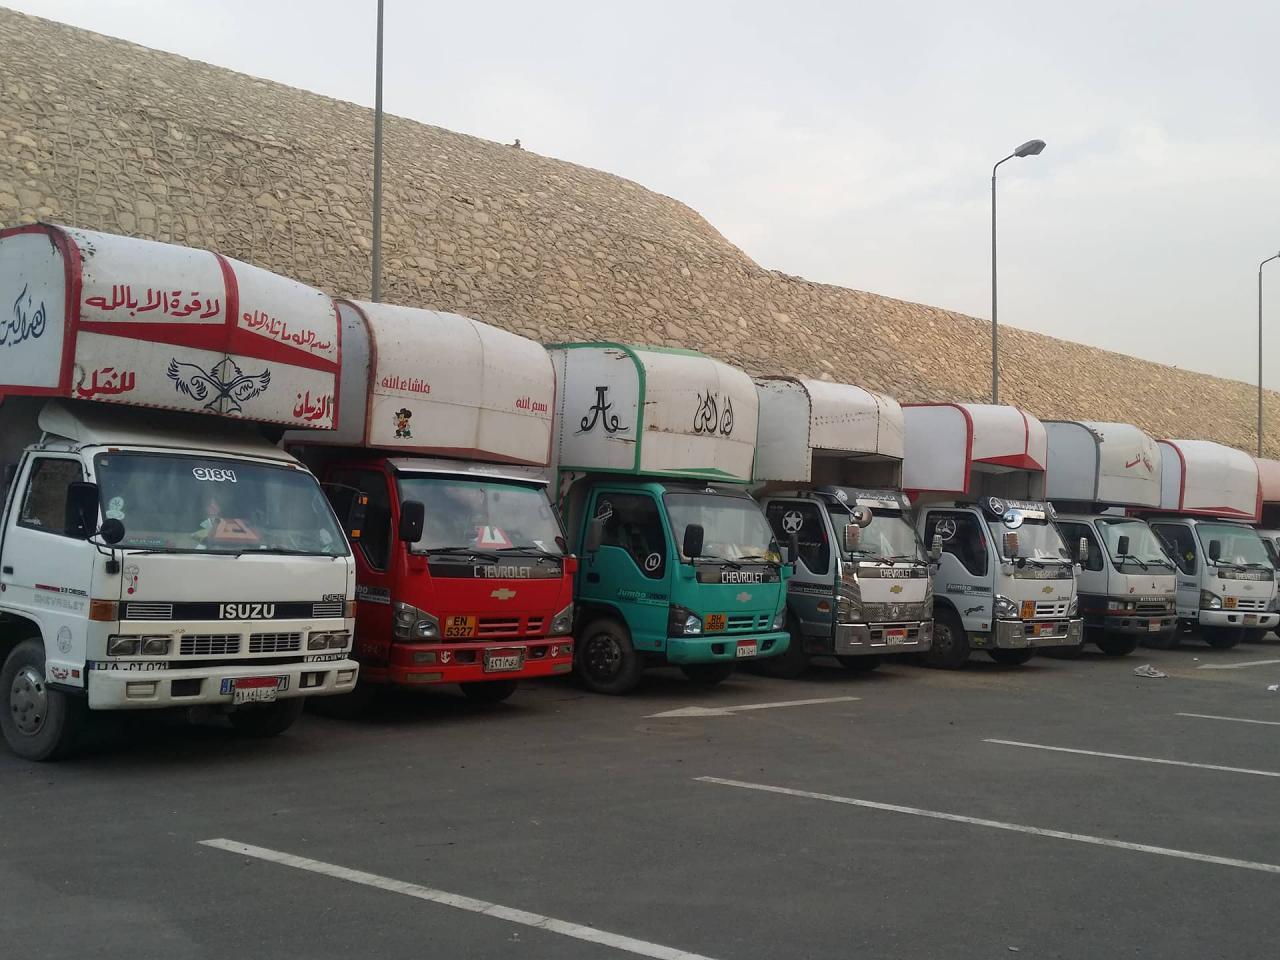 صور شركات نقل الاثاث , خدمات وشروط لشركات النقل والتوصيل